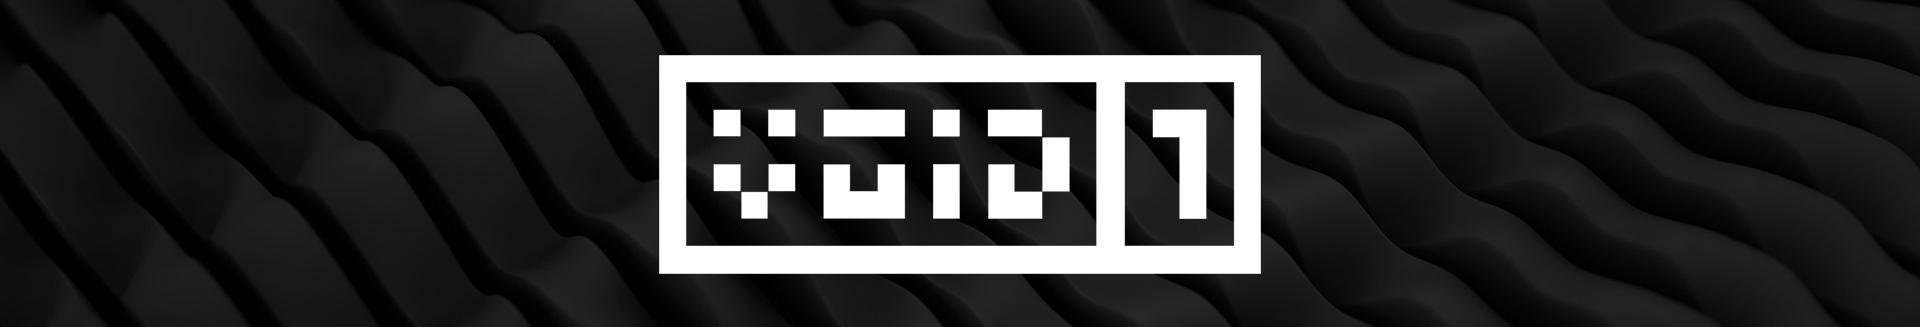 Pixel Guns Pro